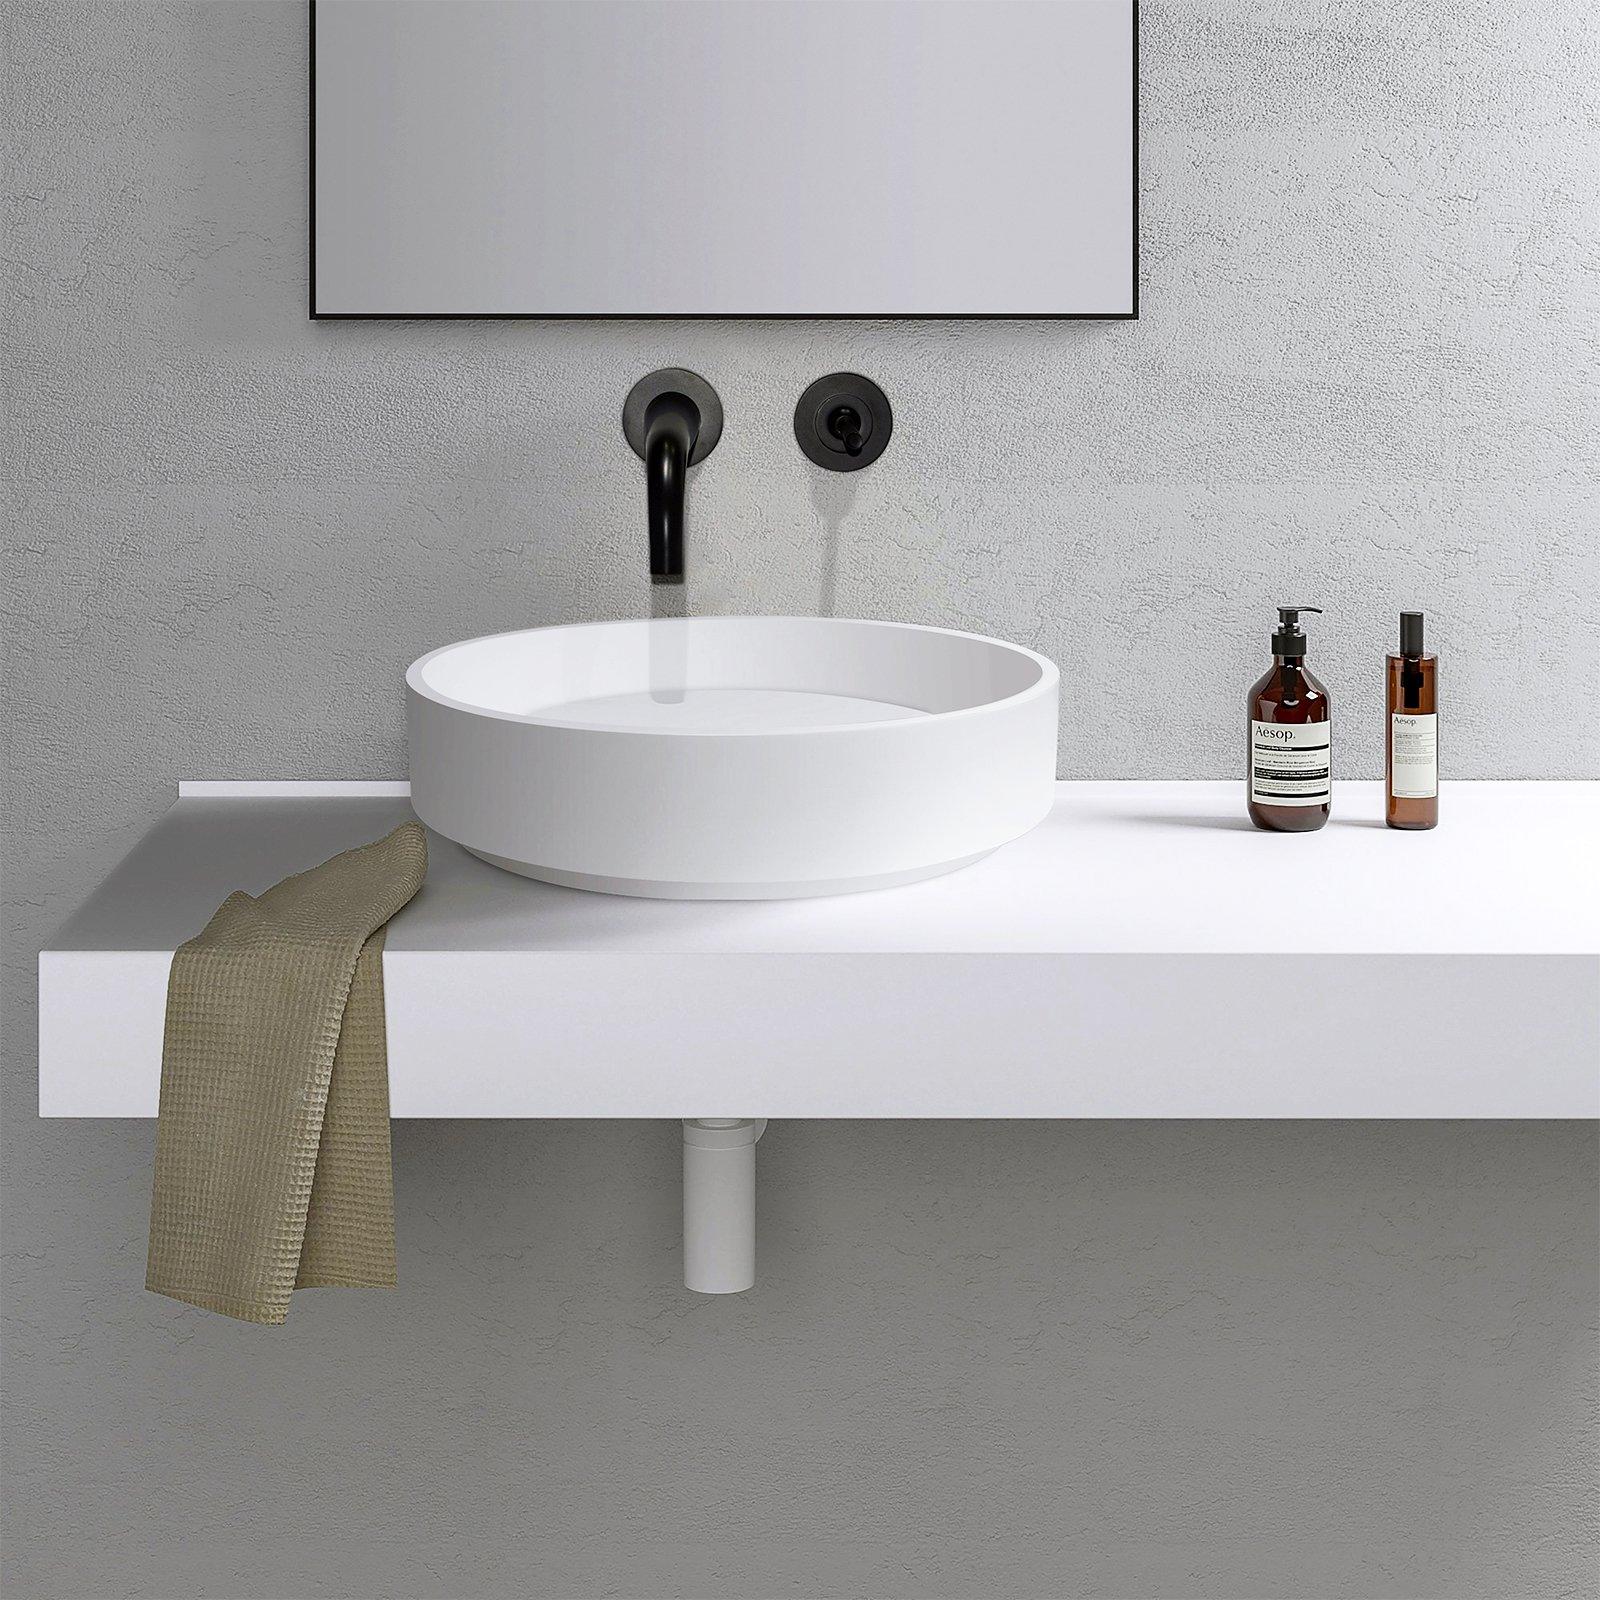 Aufsatzwaschbecken NT2430 aus Mineralguss - 42 x 42 x 11 cm - Weiß matt zoom thumbnail 5